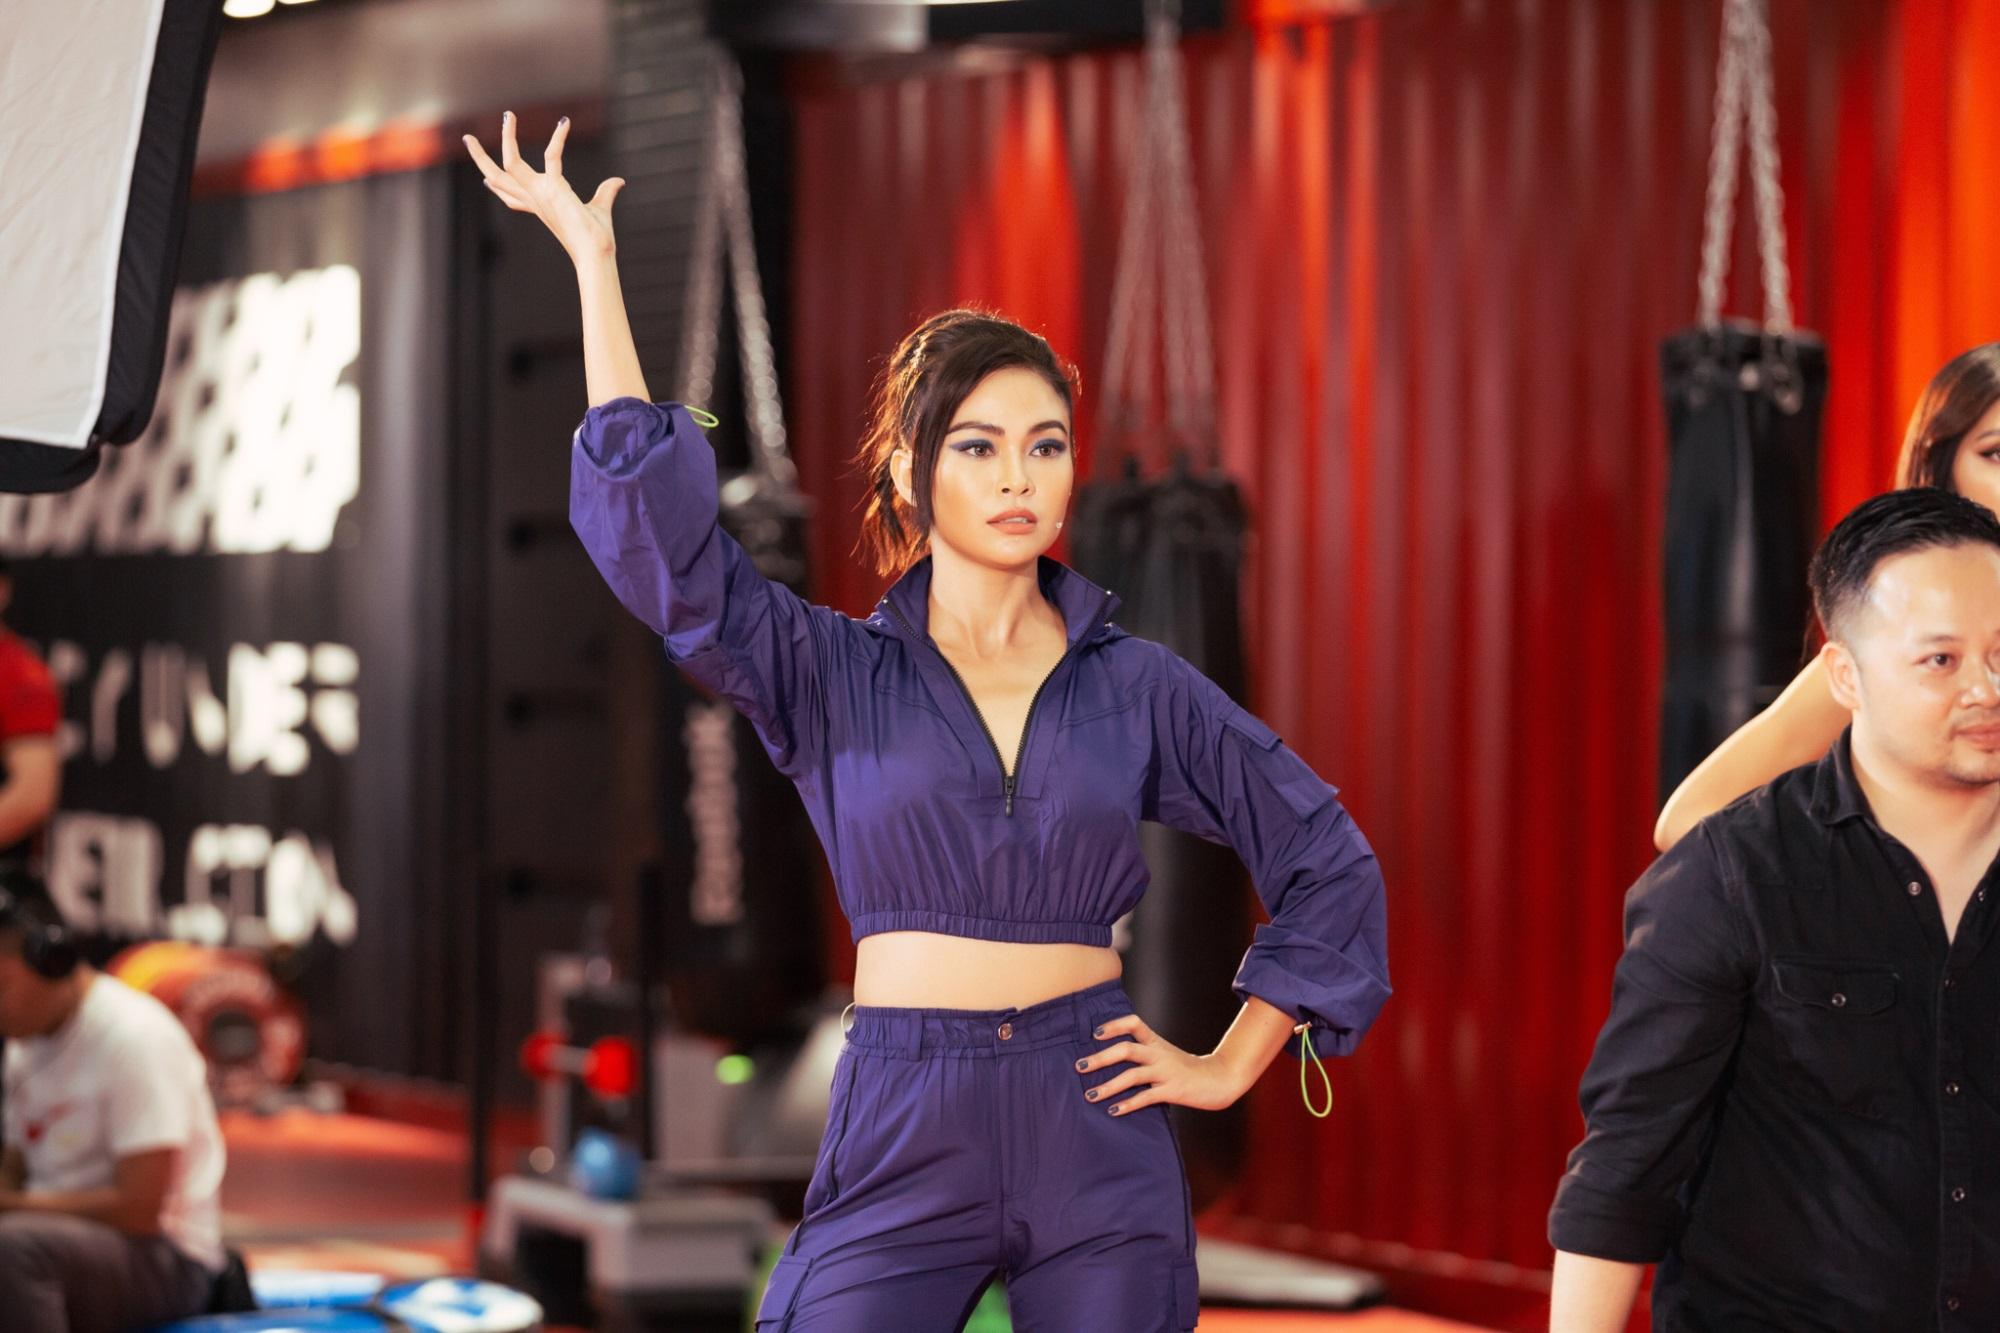 Á hậu Mâu Thủy, siêu mẫu Minh Tú huấn luyện thí sinh trong tập 8 'Tôi là Hoa hậu Hoàn vũ Việt Nam 2019' - Ảnh 3